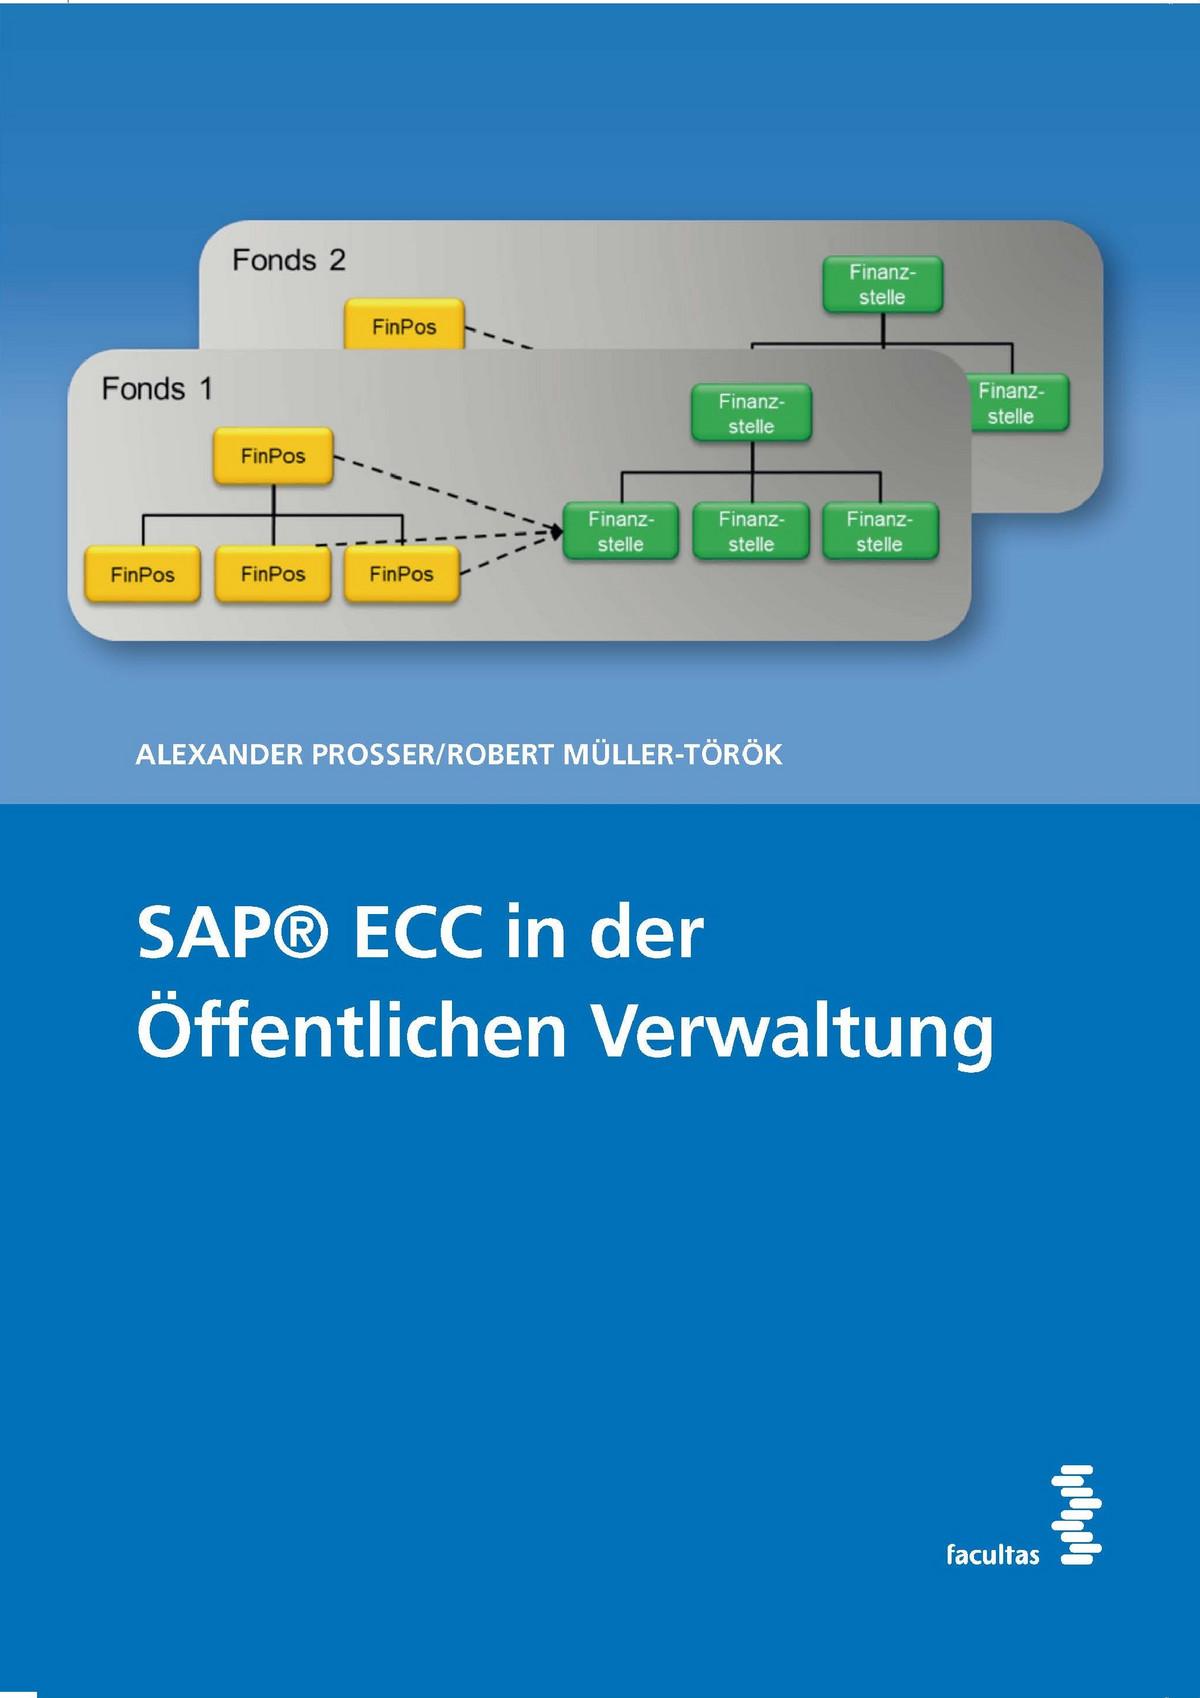 Wirtschaftsuniversität Wien: Public Administration with SAP